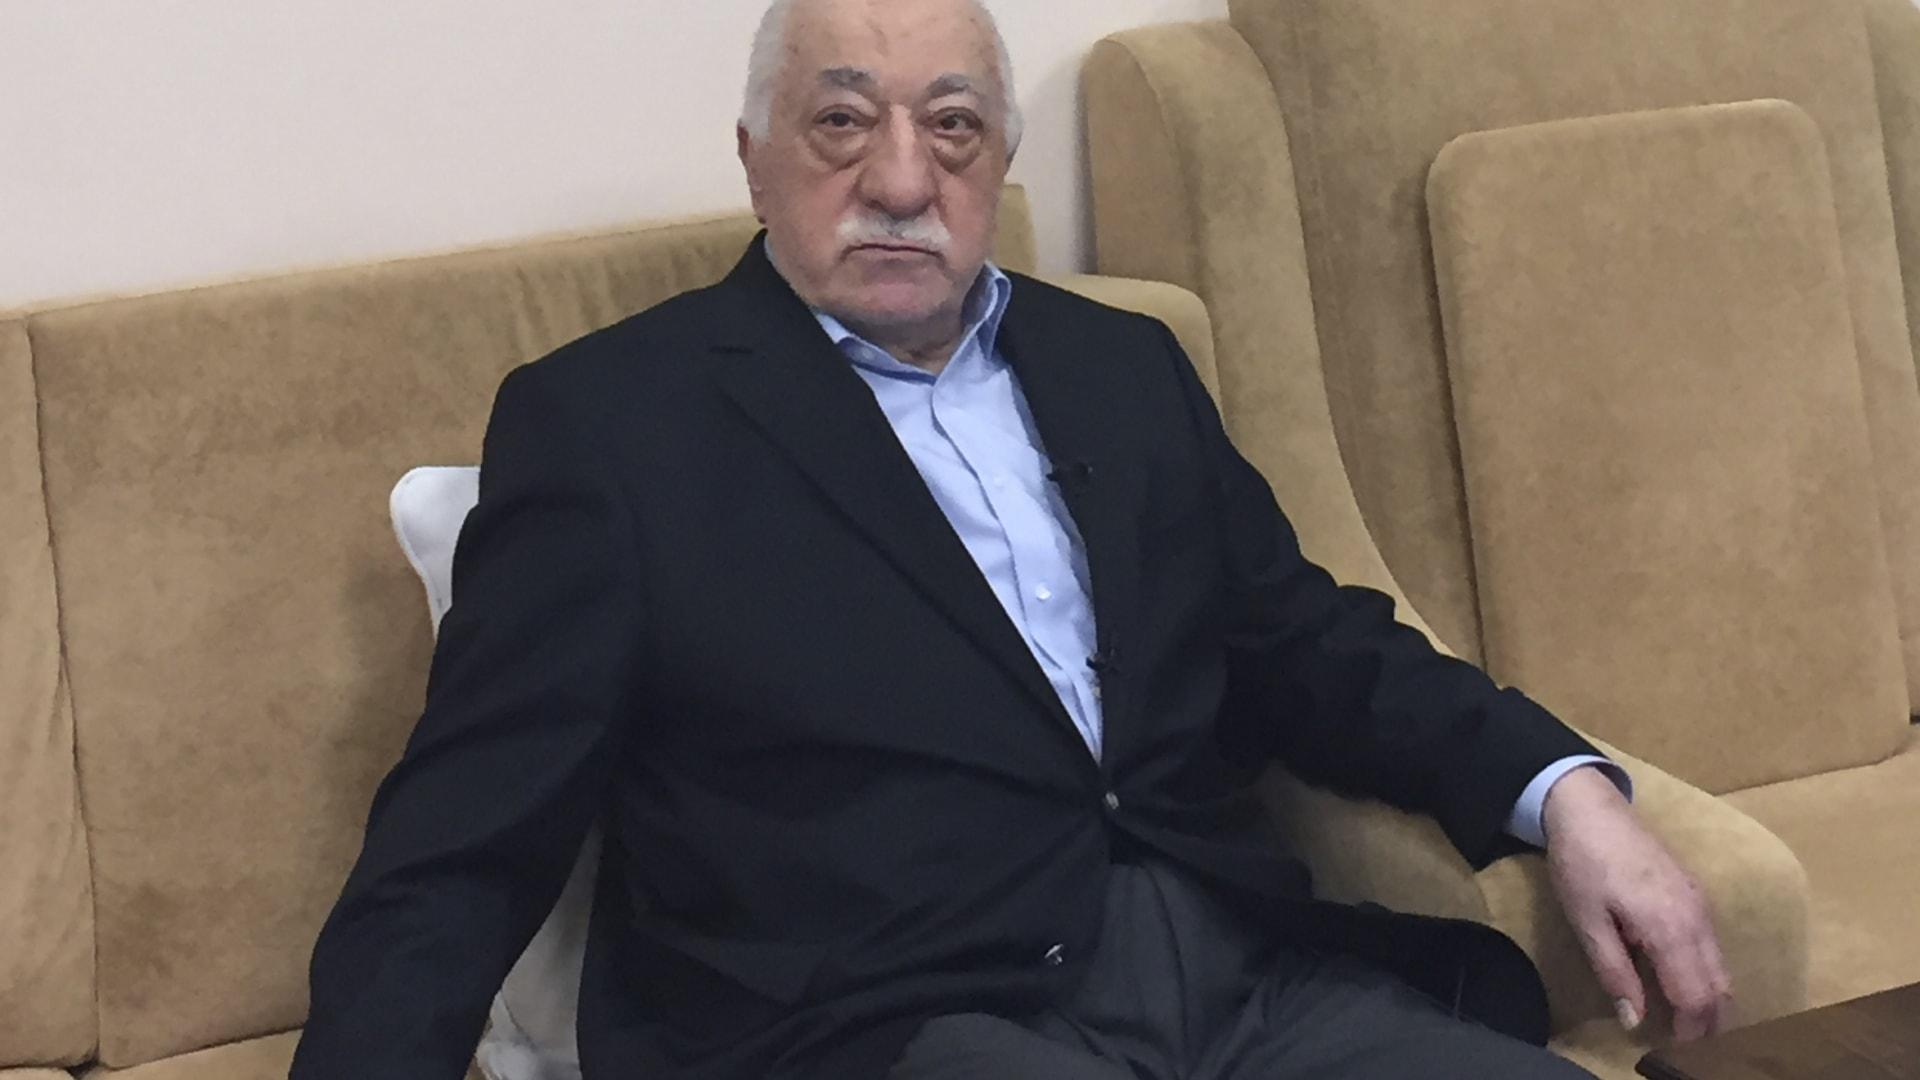 منظمة مناصرة لفتح الله غولن تتحدث عن تقارير مقايضة بقضية خاشقجي